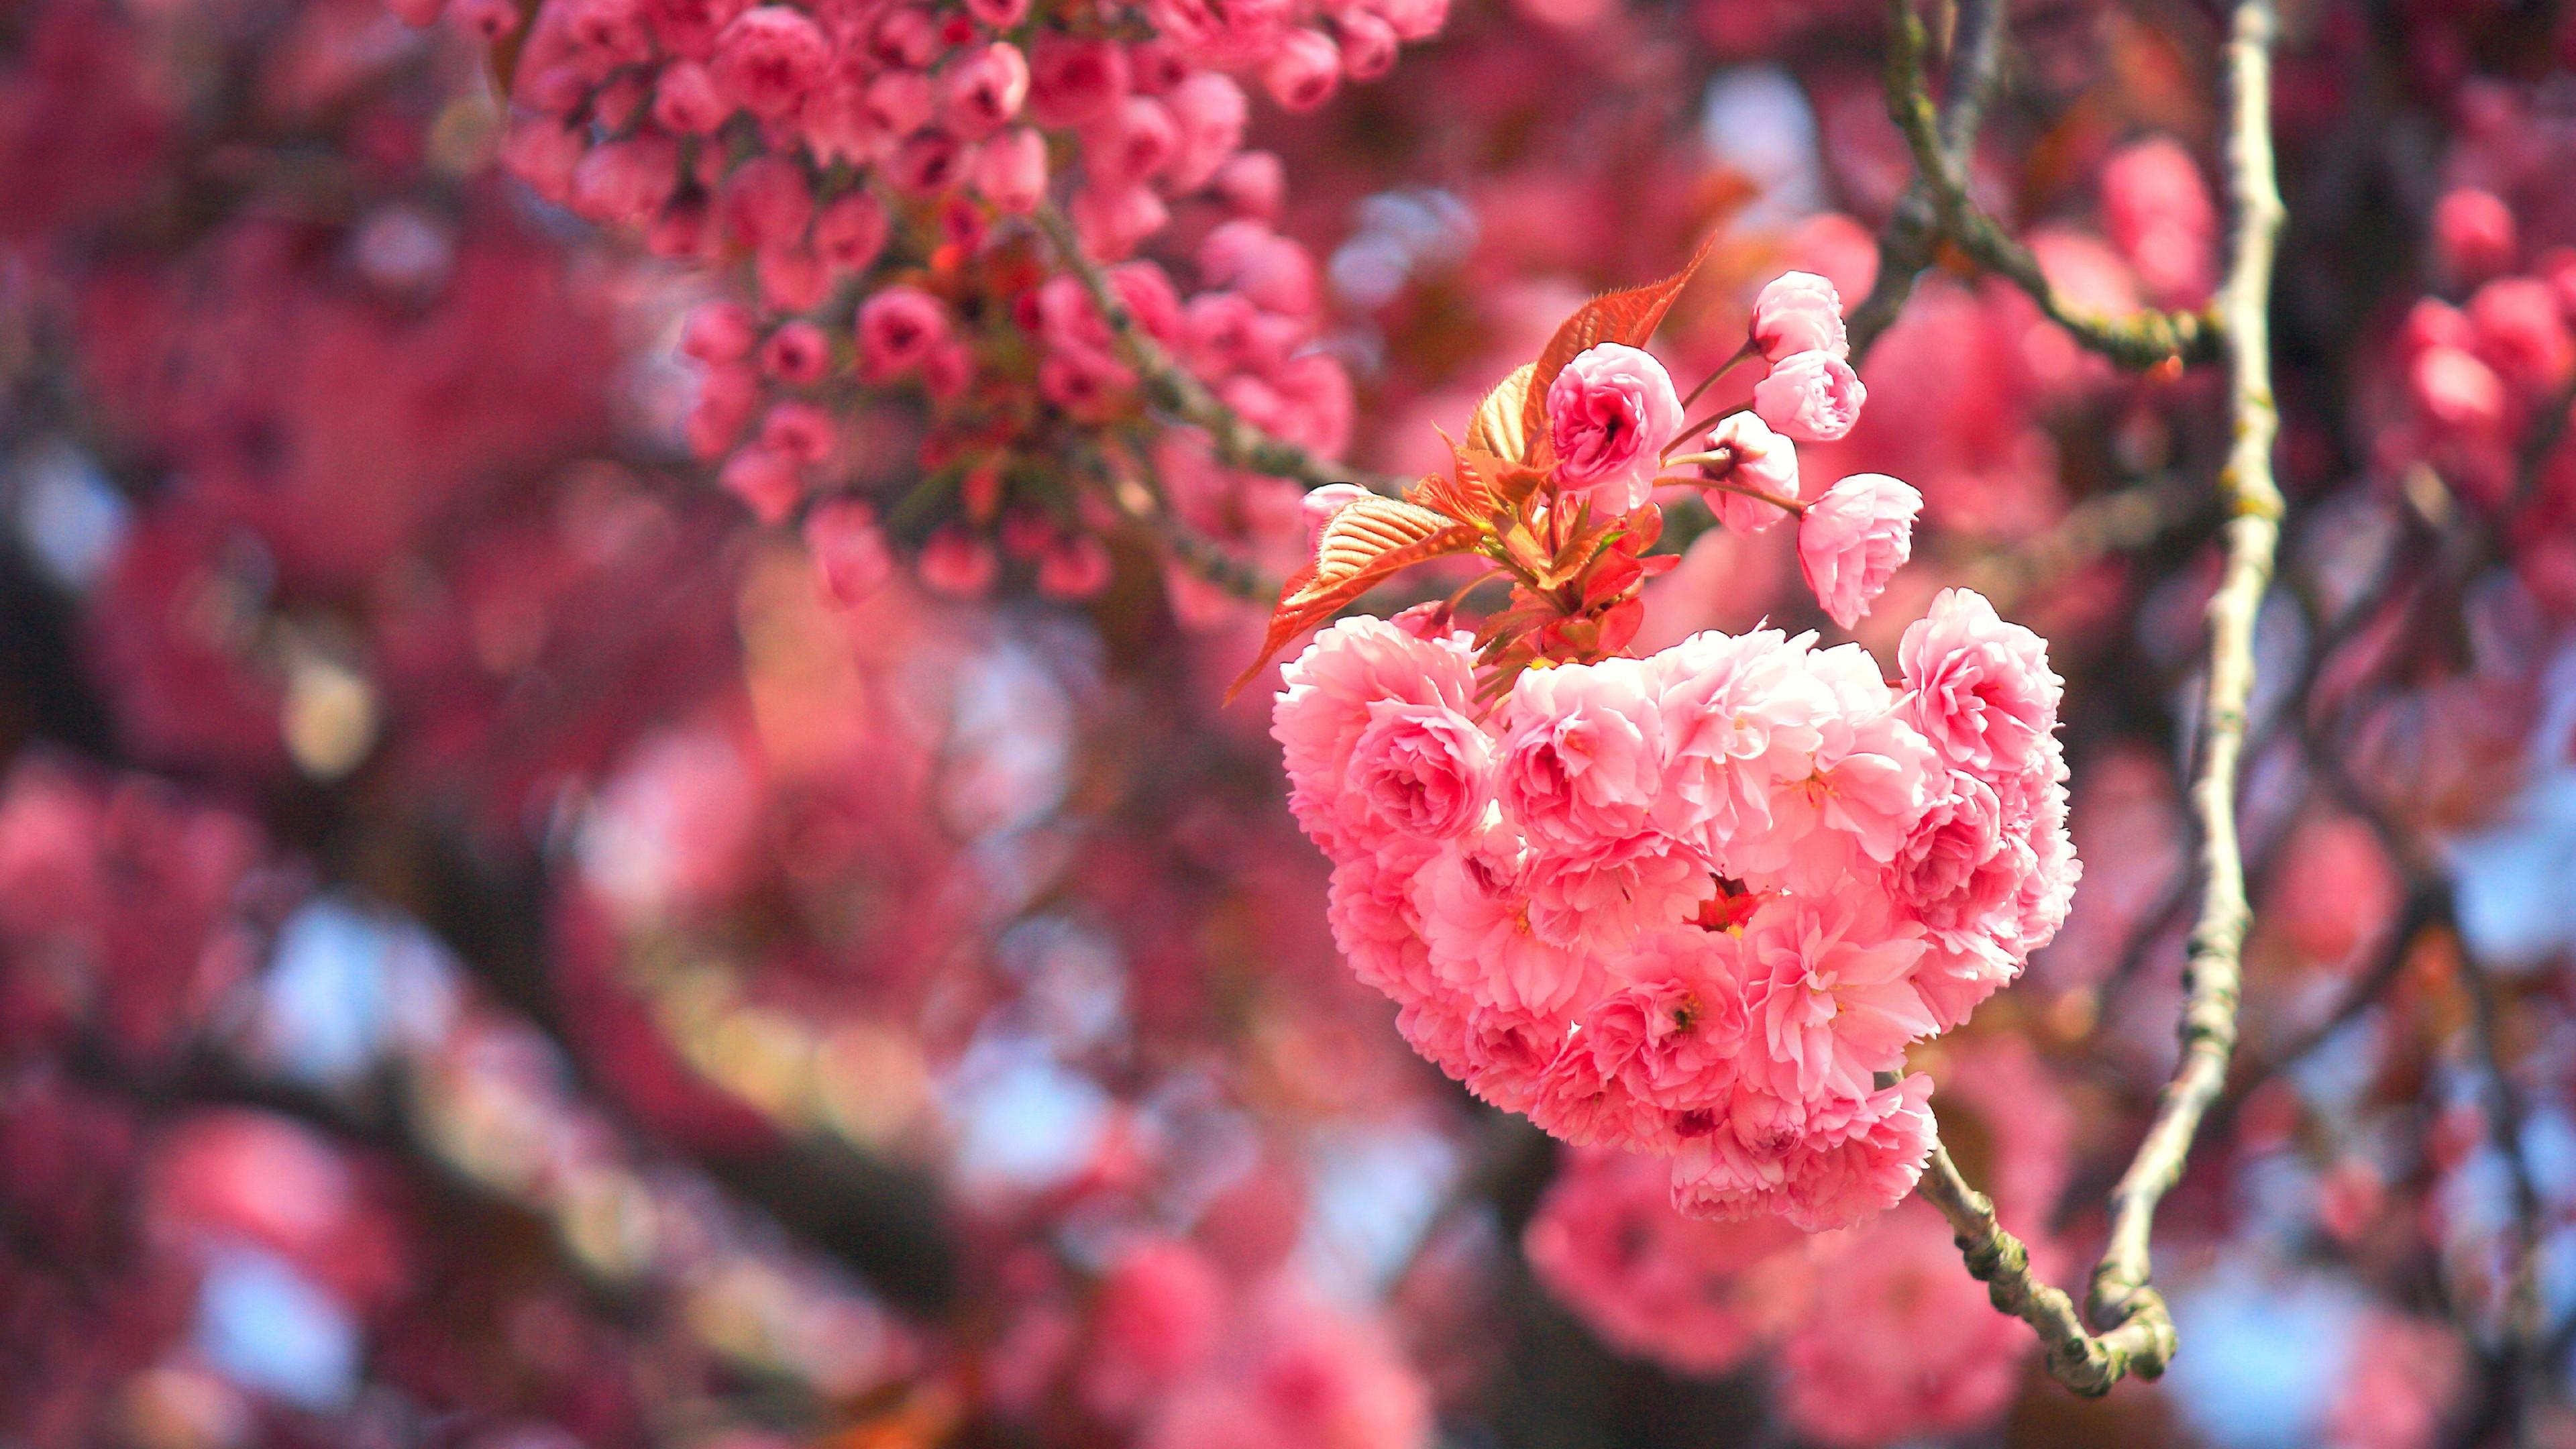 Цветущая ветка сакуры с  розовыми махровыми цветками в солнечных лучах